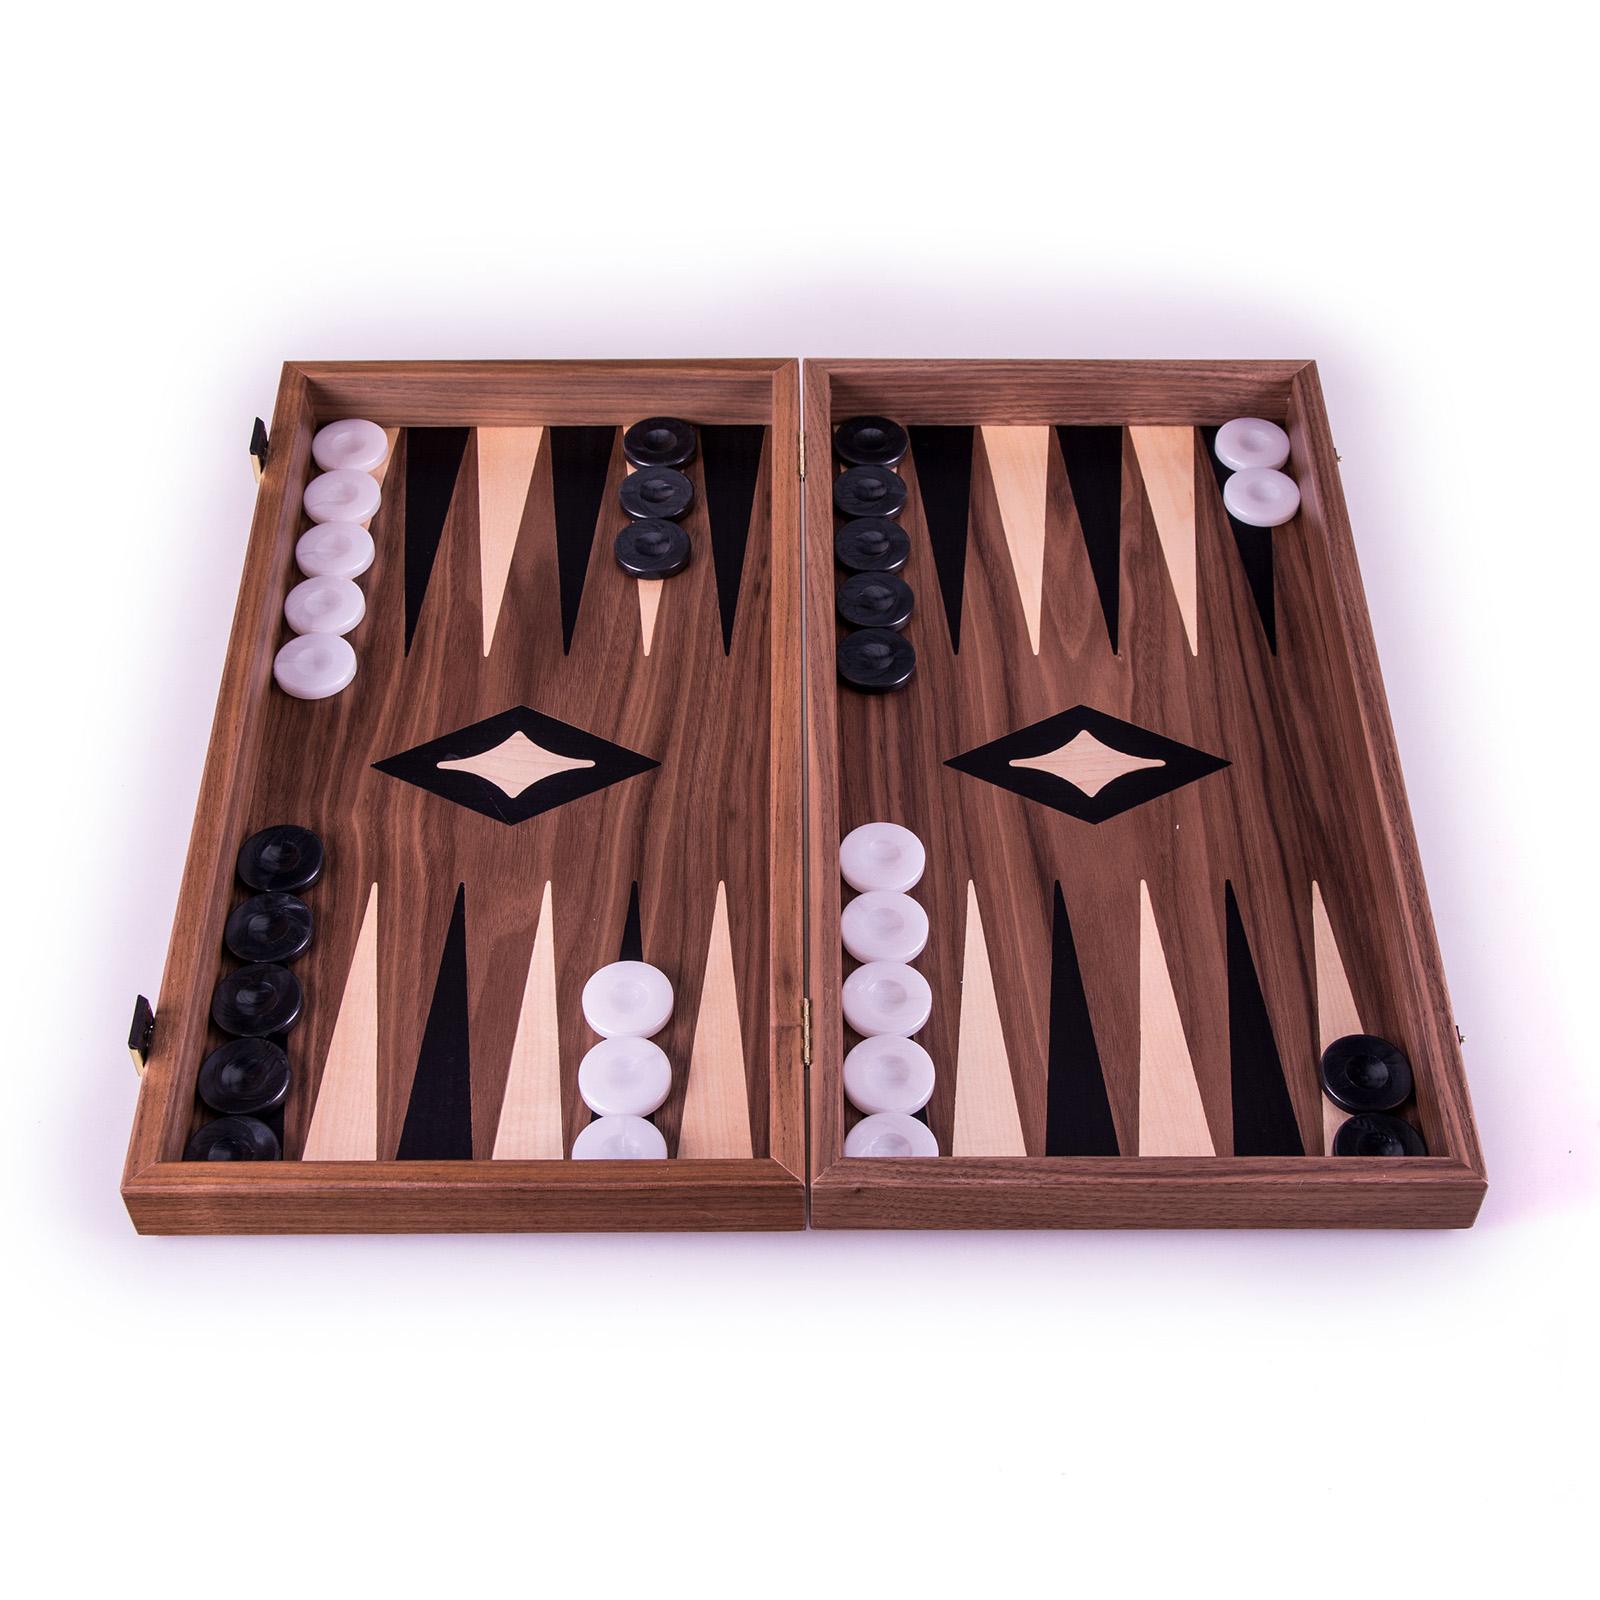 Backgammon-Set aus Walnuss aus Griechenland, handgefertigt 38x20 cm